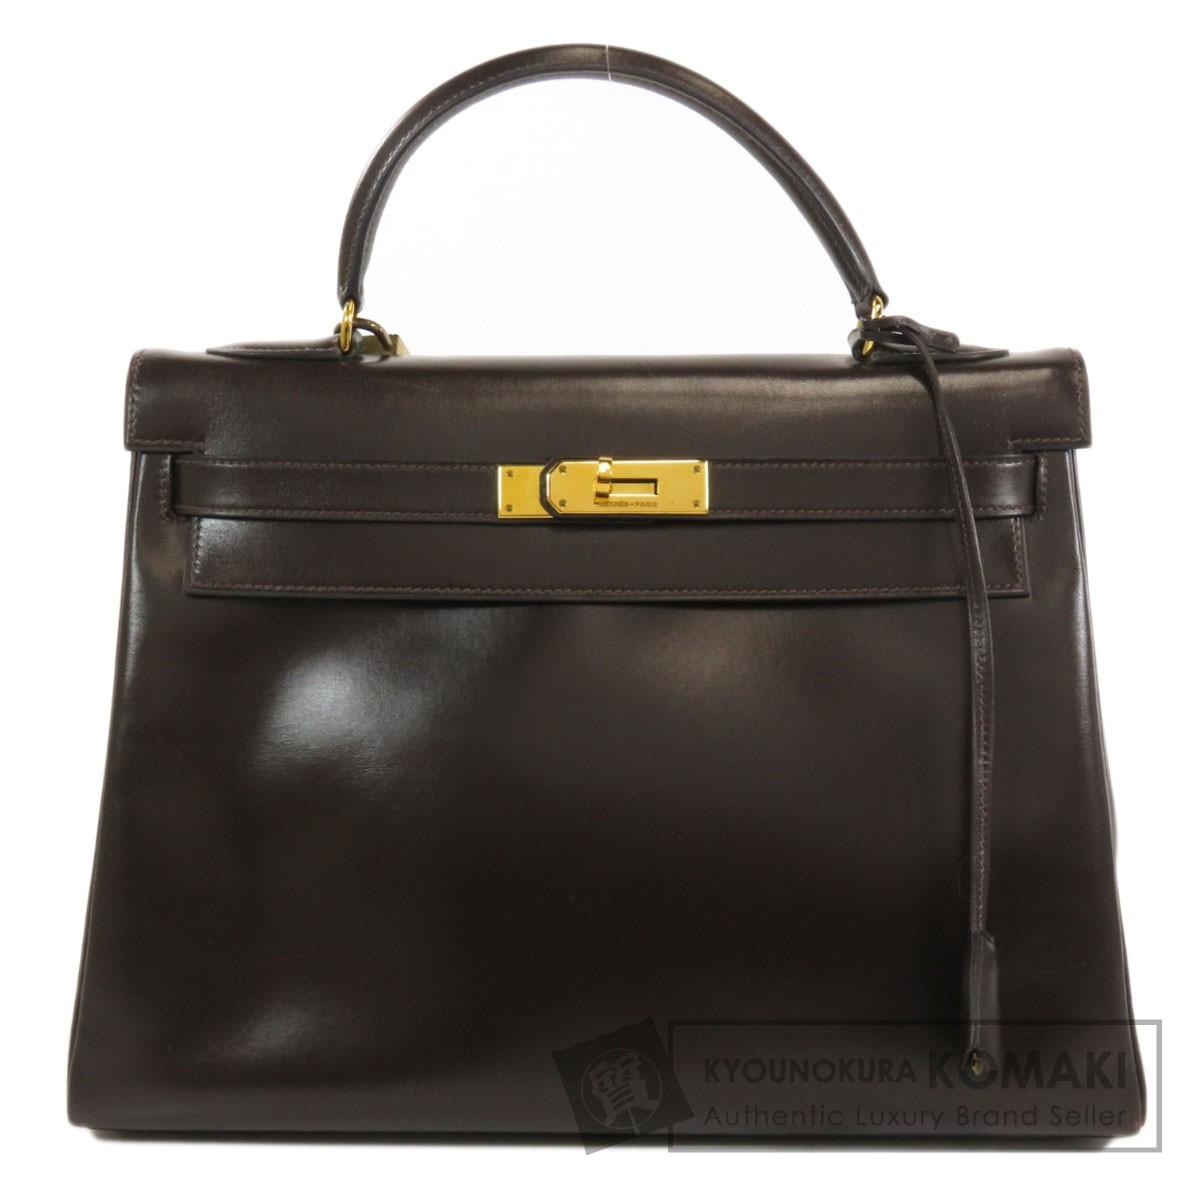 エルメス ケリー32 人気 おすすめ ゴールド金具 ハンドバッグ 中古 レビューを書けば送料当店負担 ボックスカーフ レディース HERMES